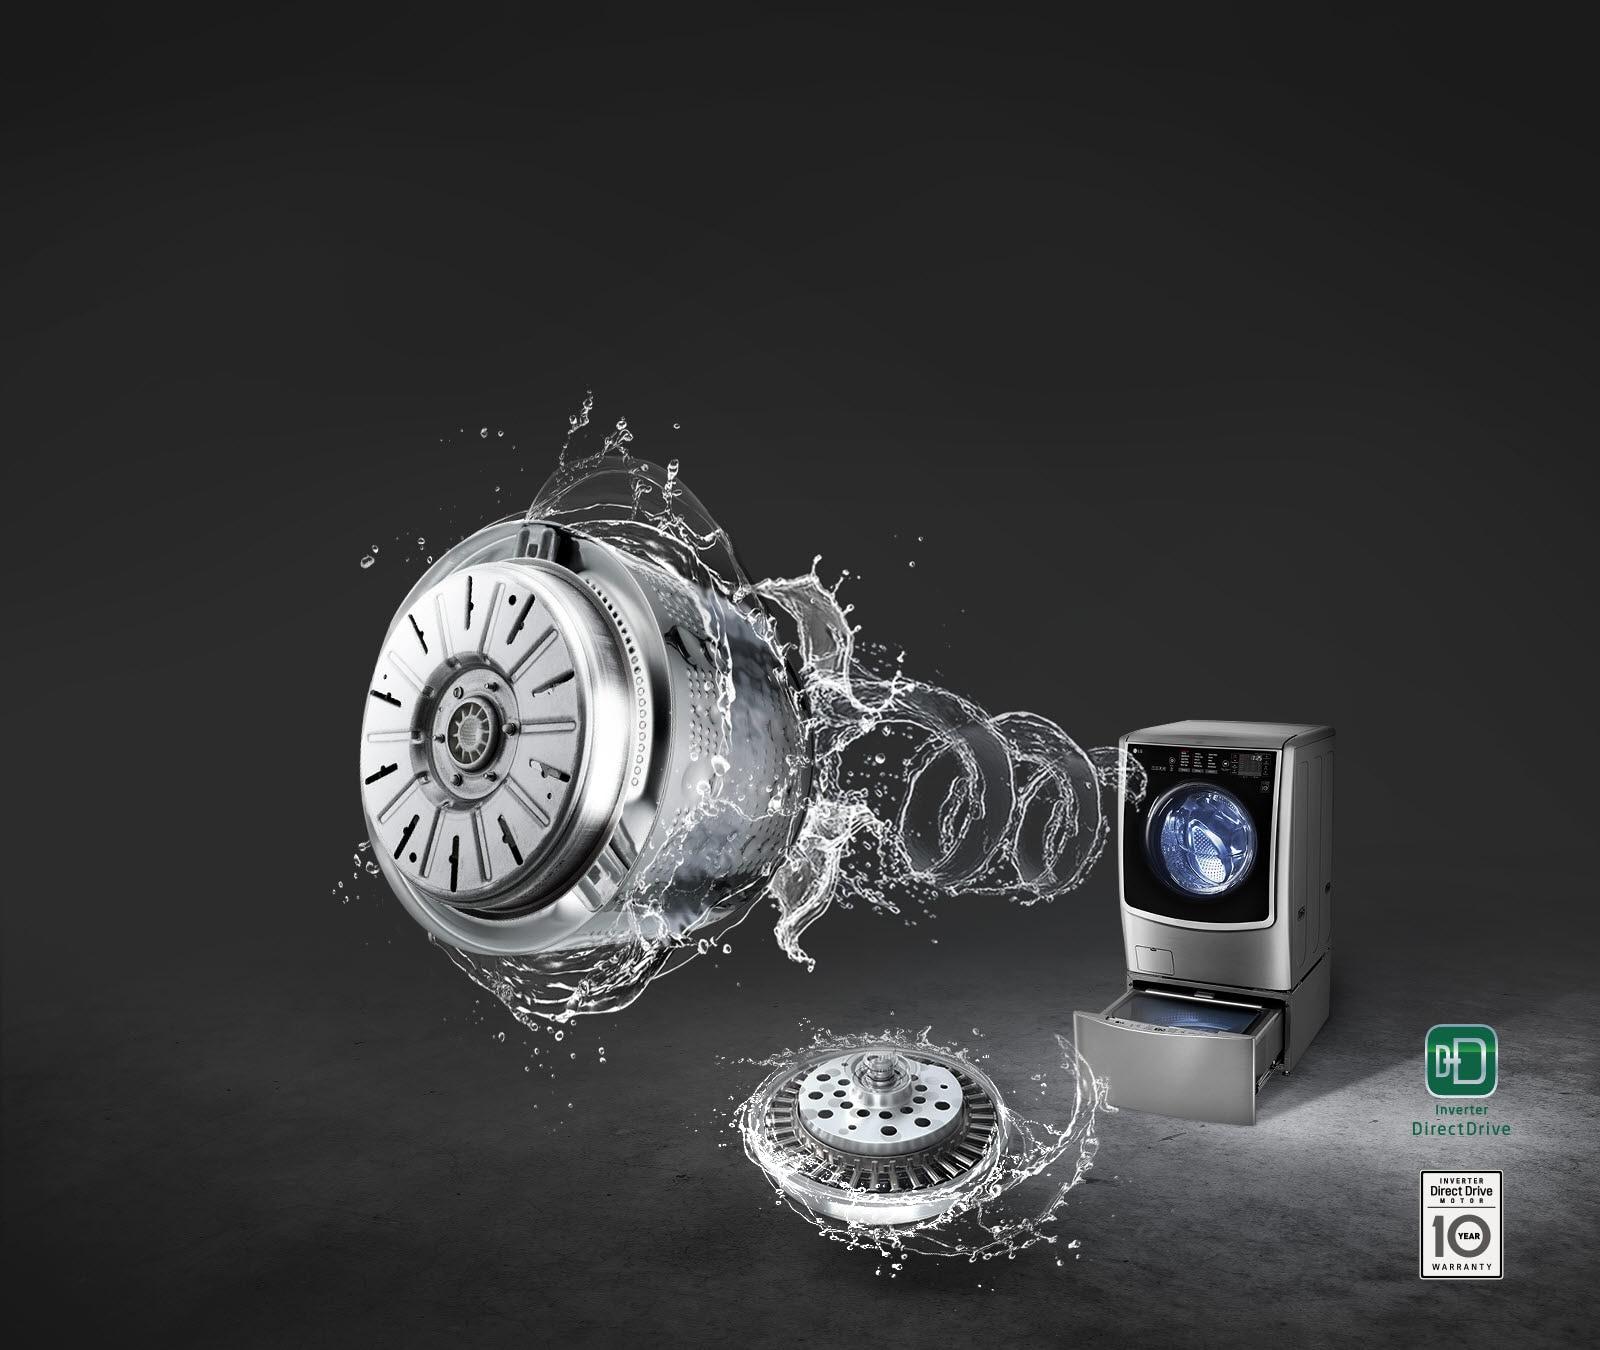 إل جي توين واش غسالة 21 كيلو و مجفف 12 كيلو 1100 لفة بالبخار ستانلس + غسالة سفلية 3.5 كيلو  FT025C9SS